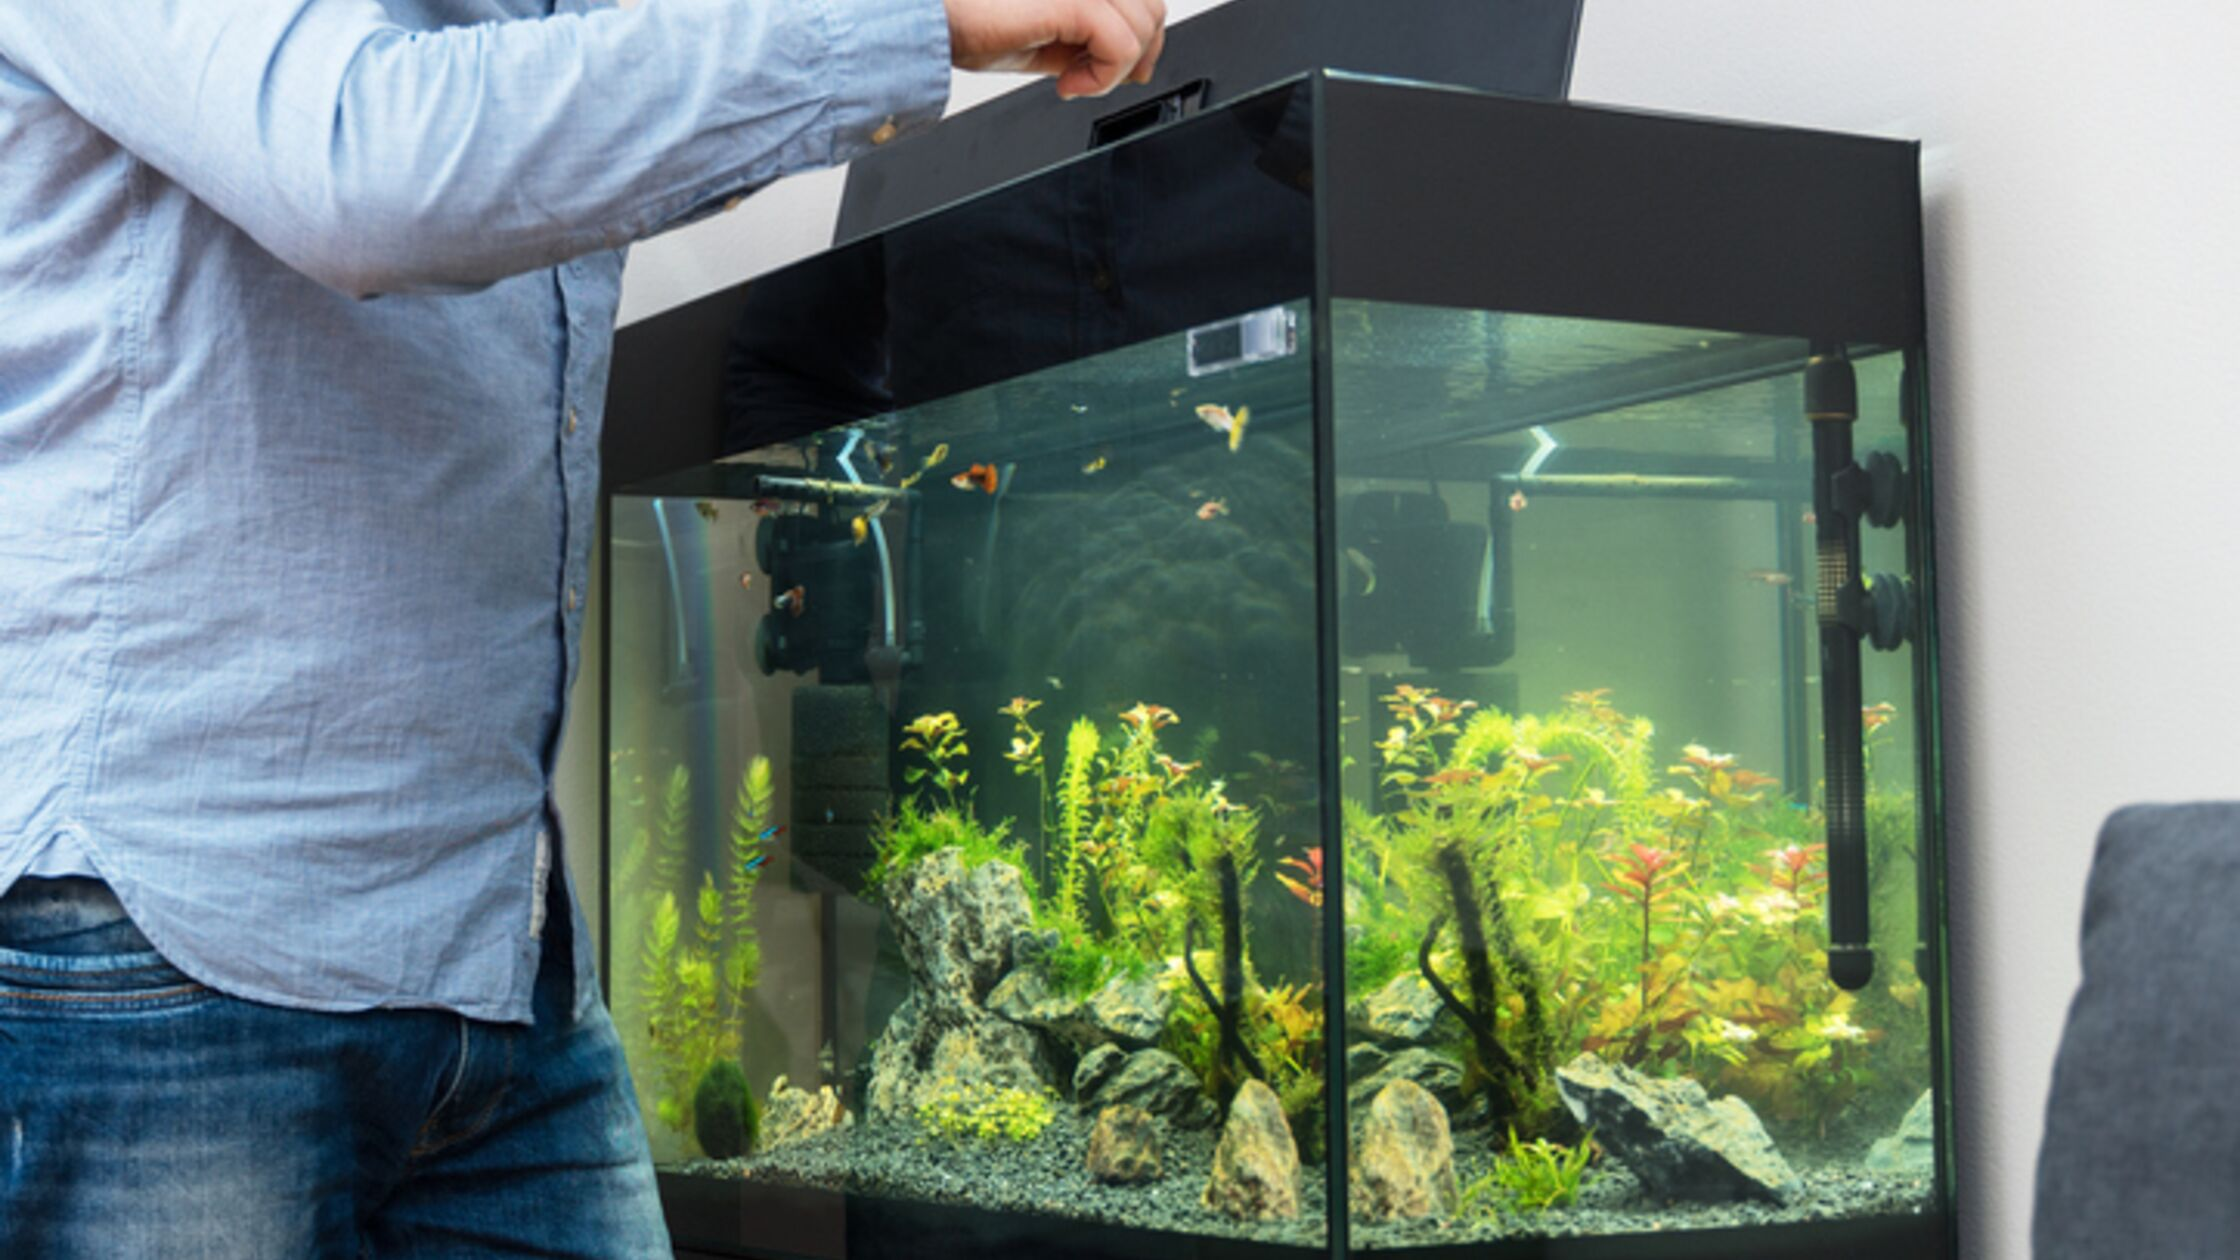 Mann füttert Fische im Aquarium